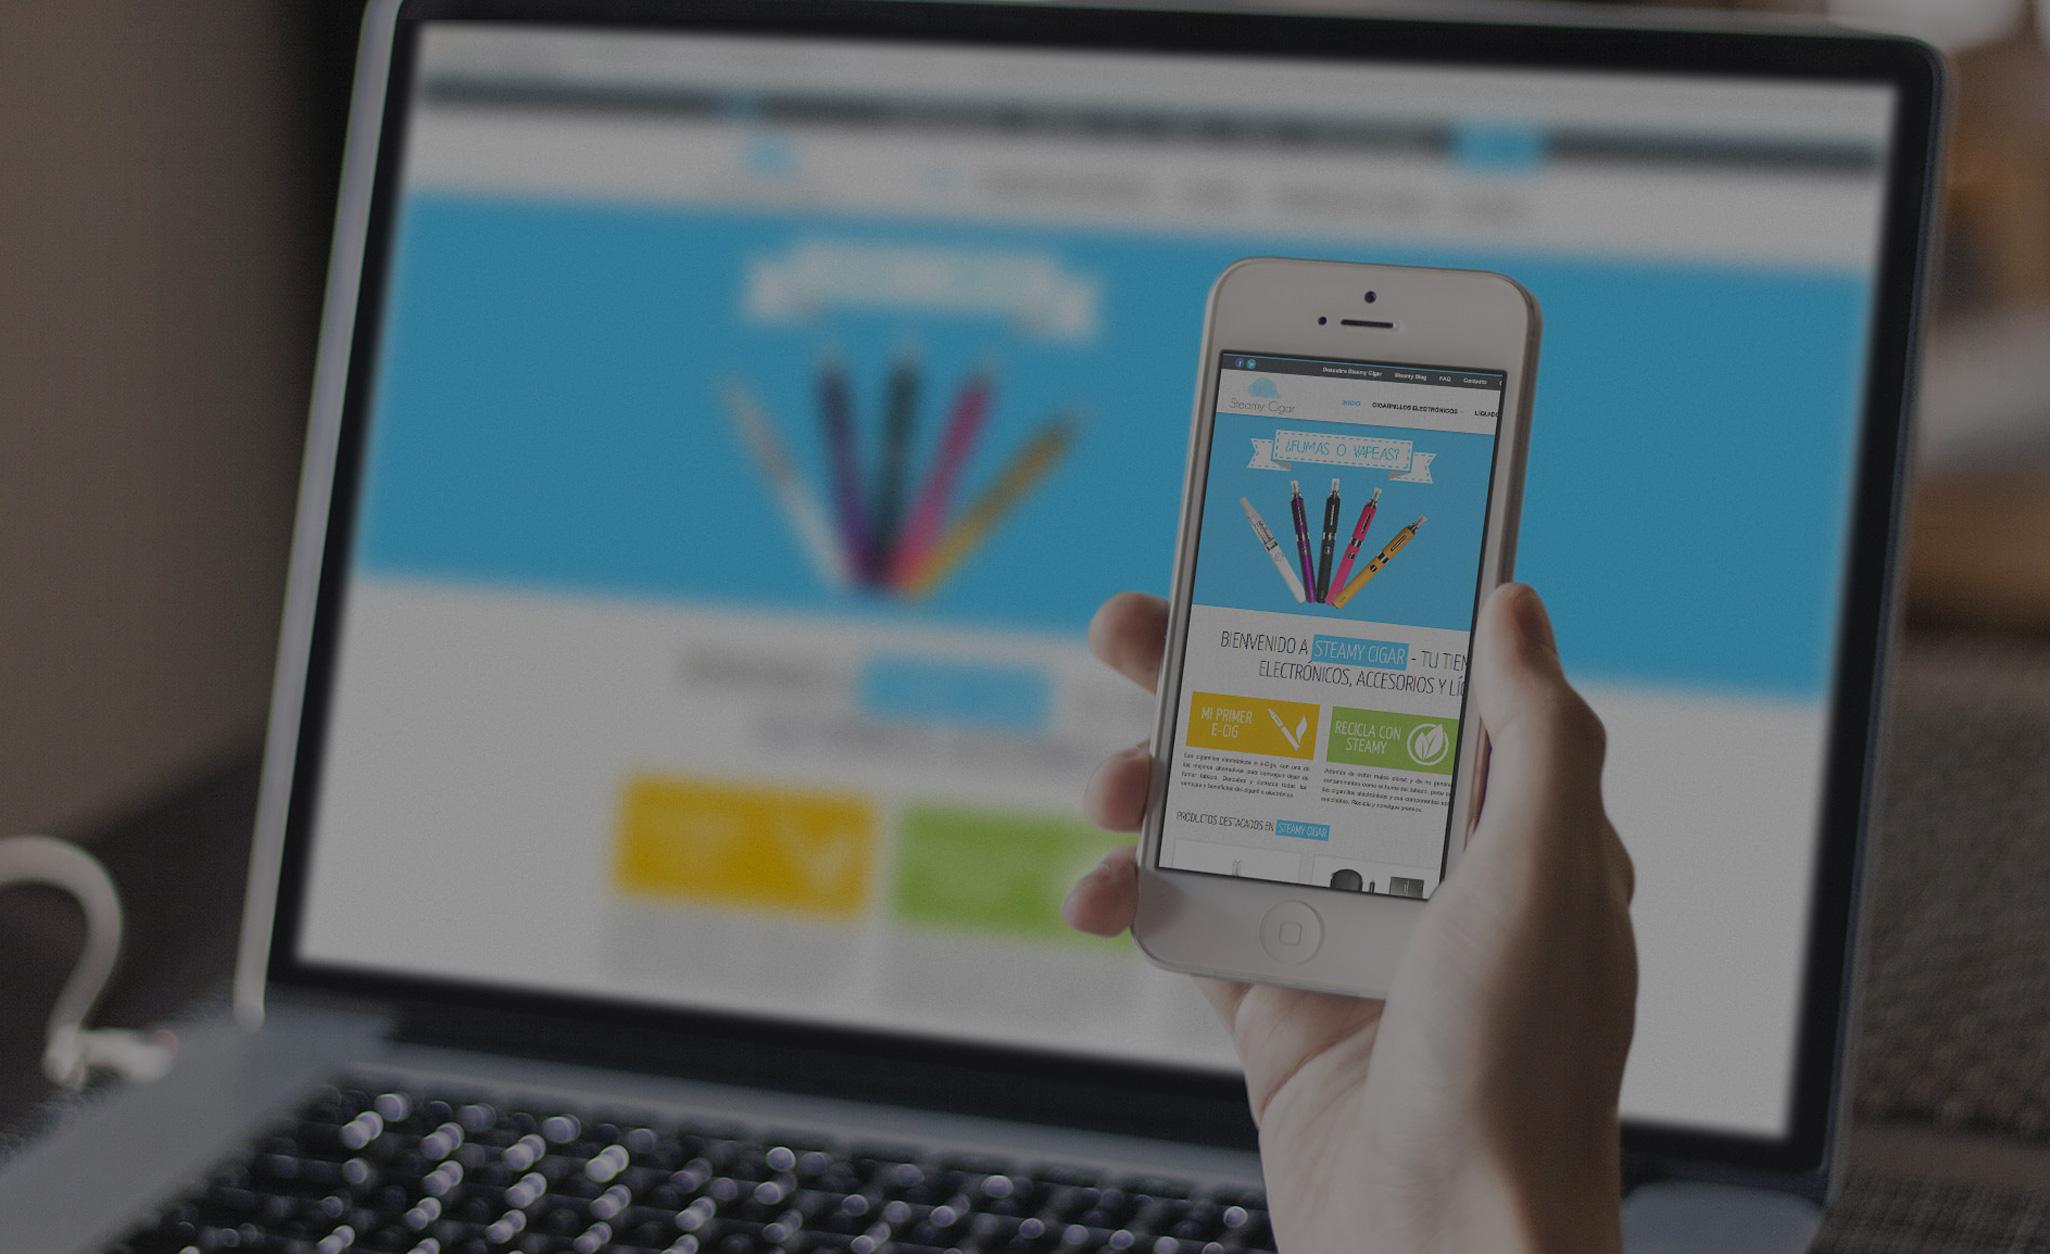 desarrollo web - sobrities agencia digital bolivia